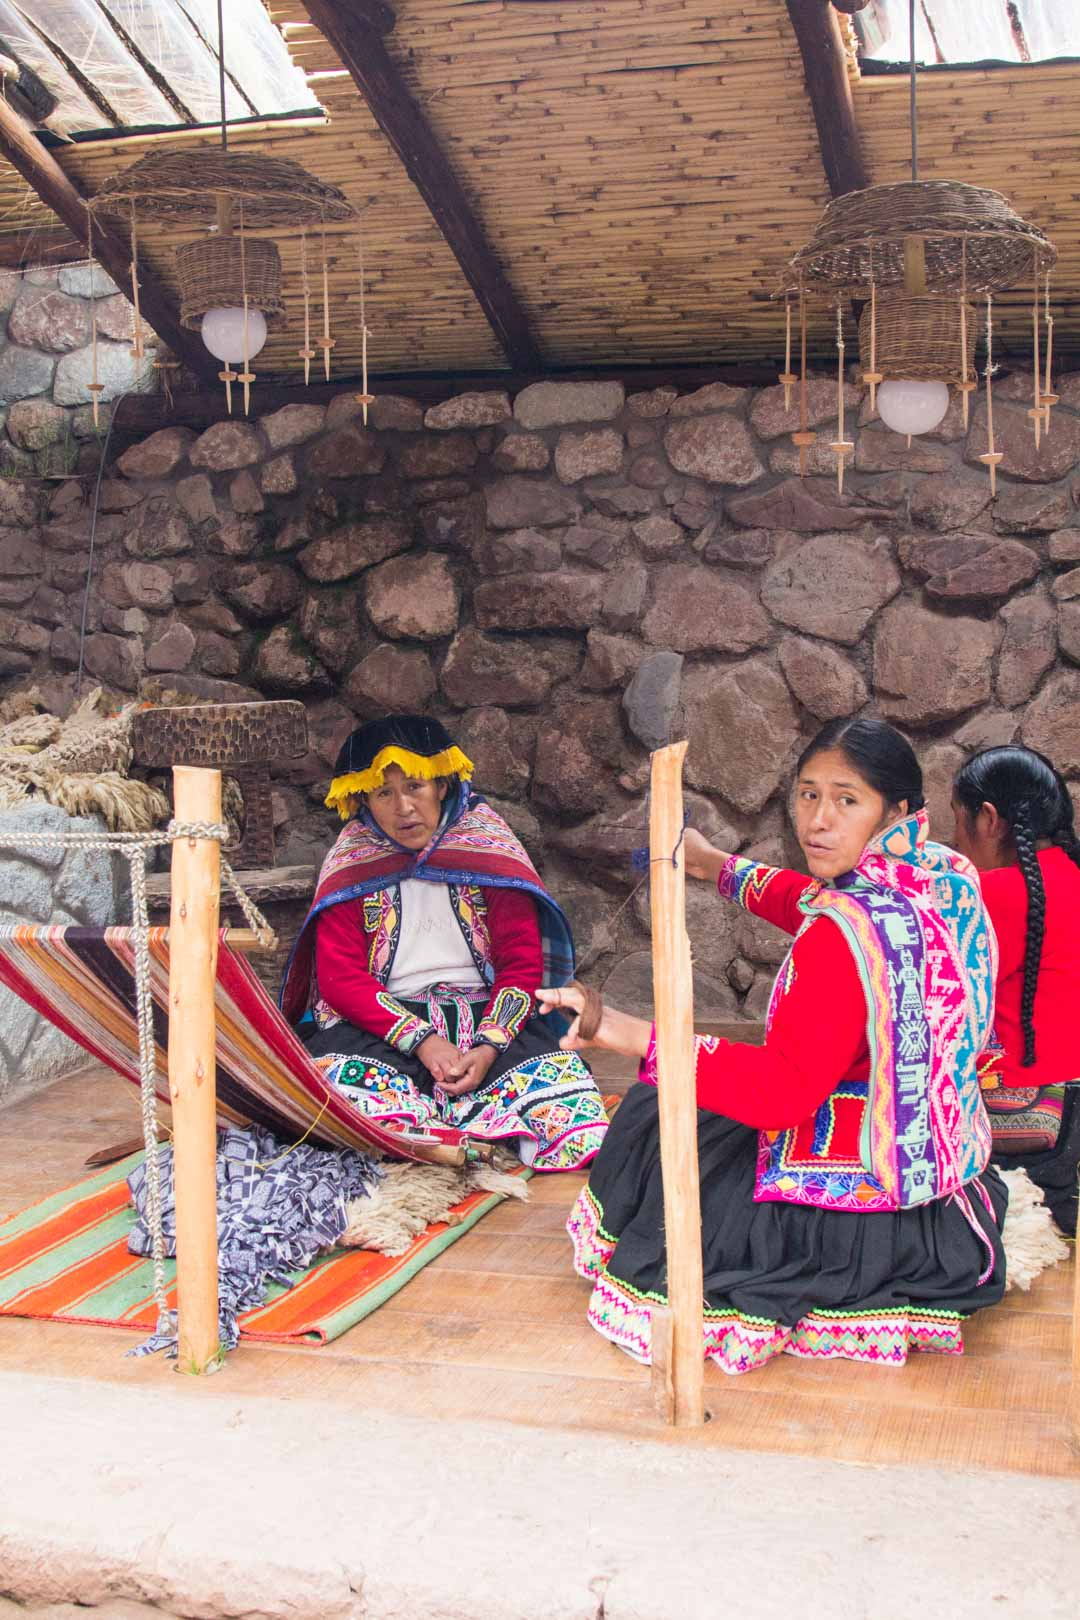 alpakkalankojen kudontaa Perussa lähellä Cuzcoa